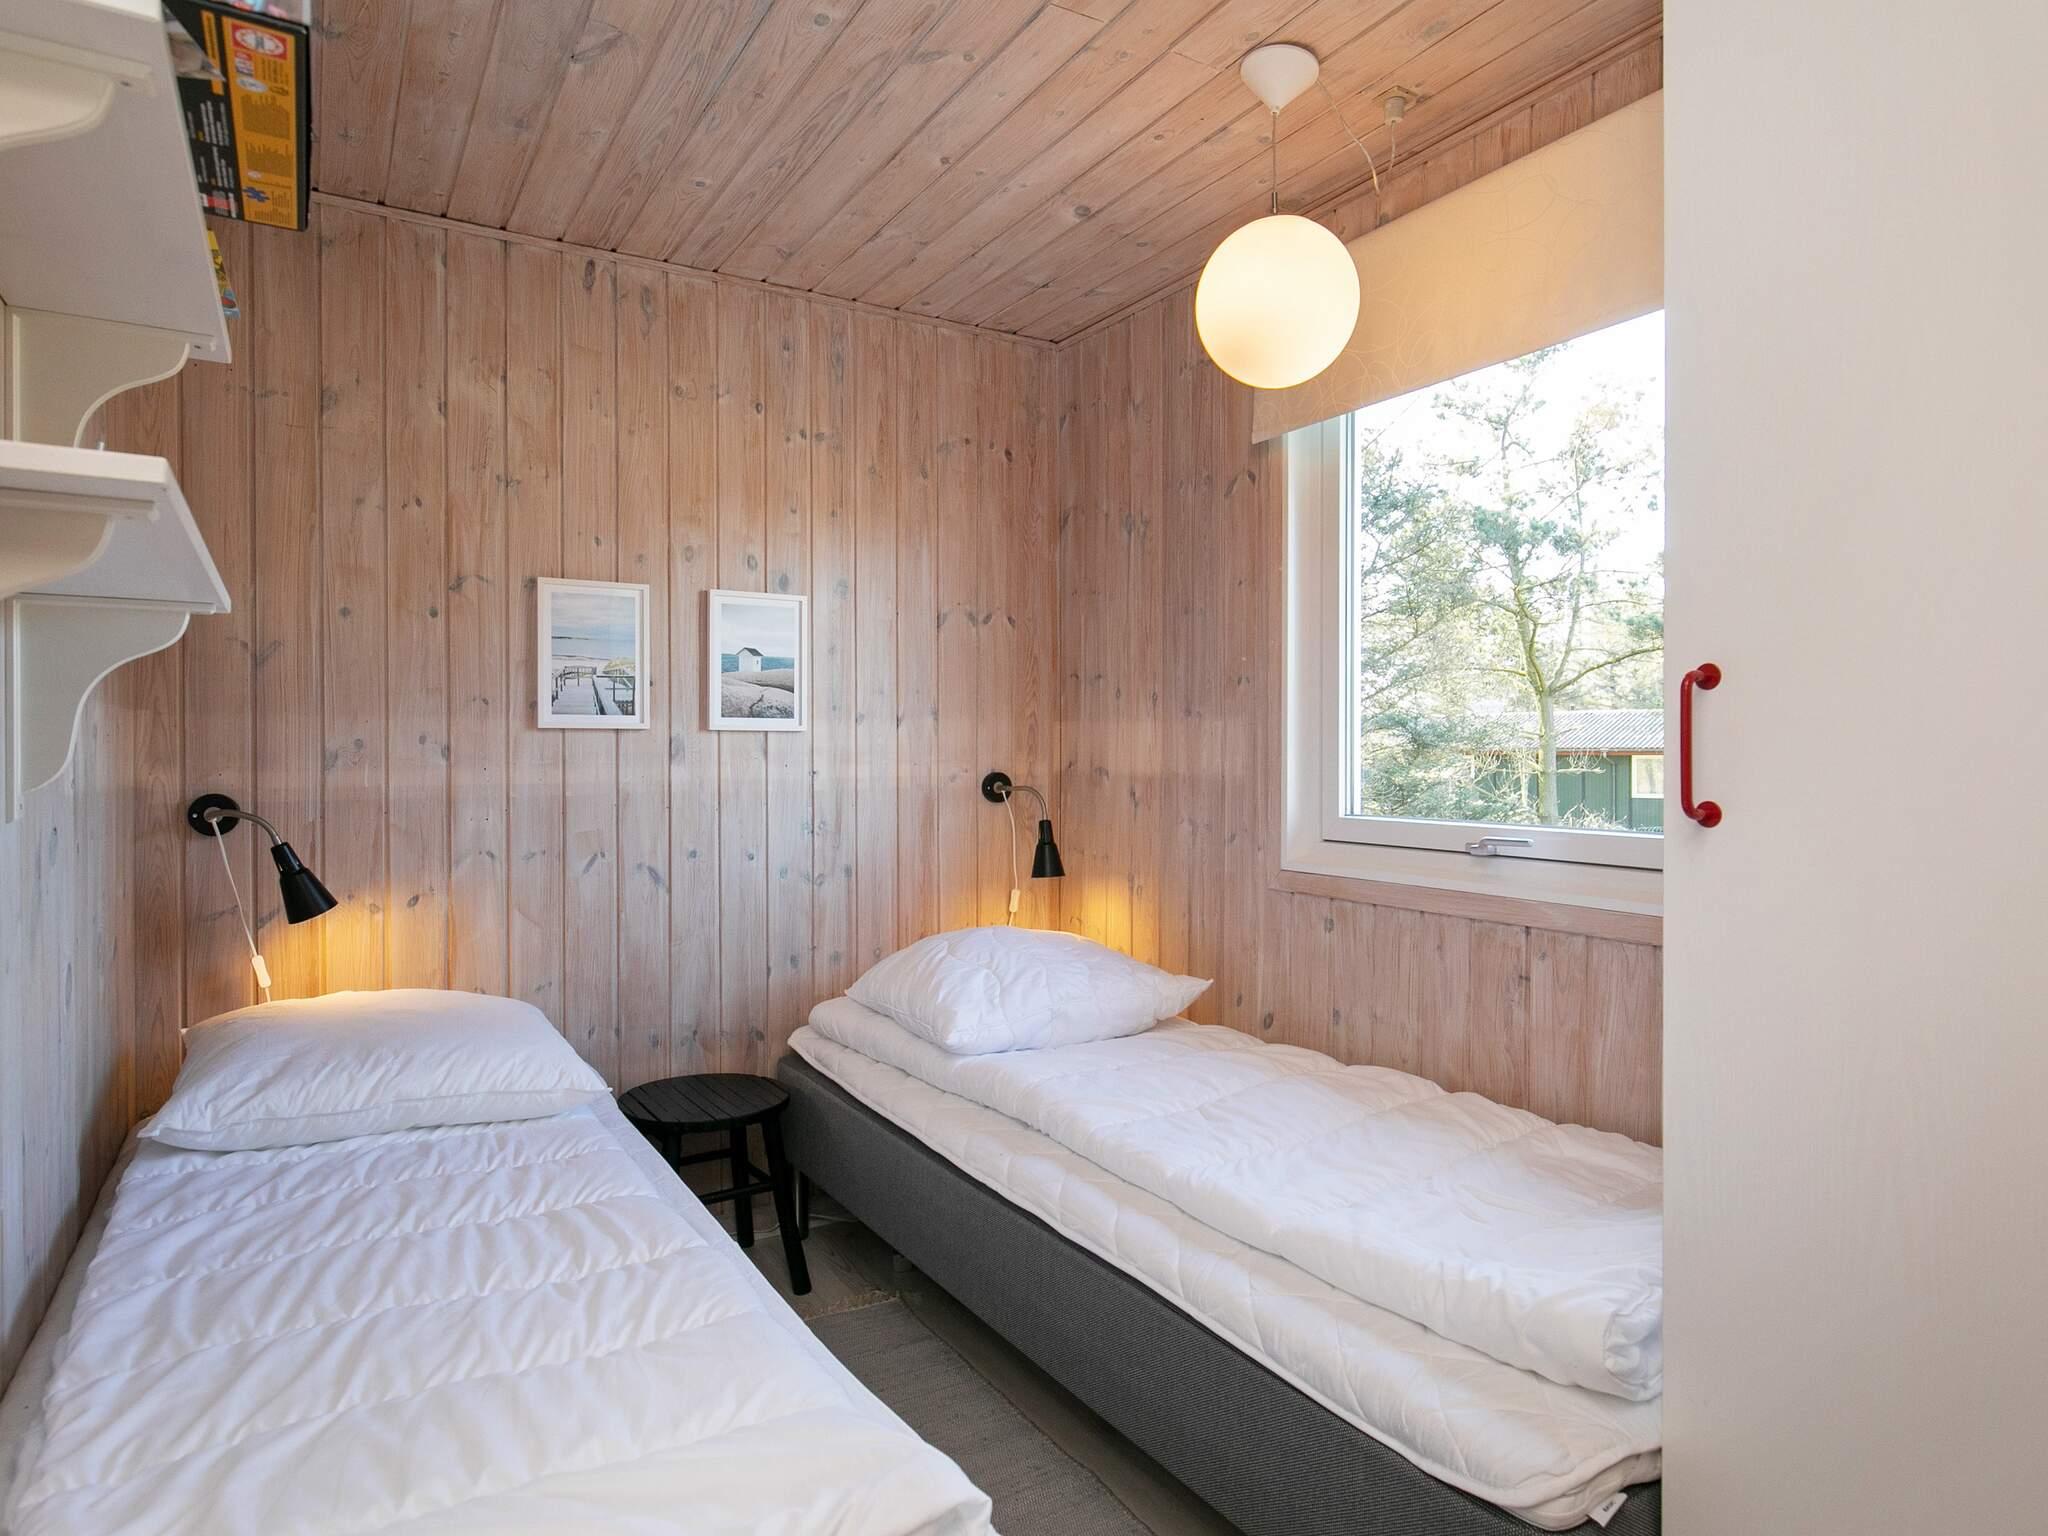 Ferienhaus Grærup (2680715), Grærup, , Westjütland, Dänemark, Bild 10